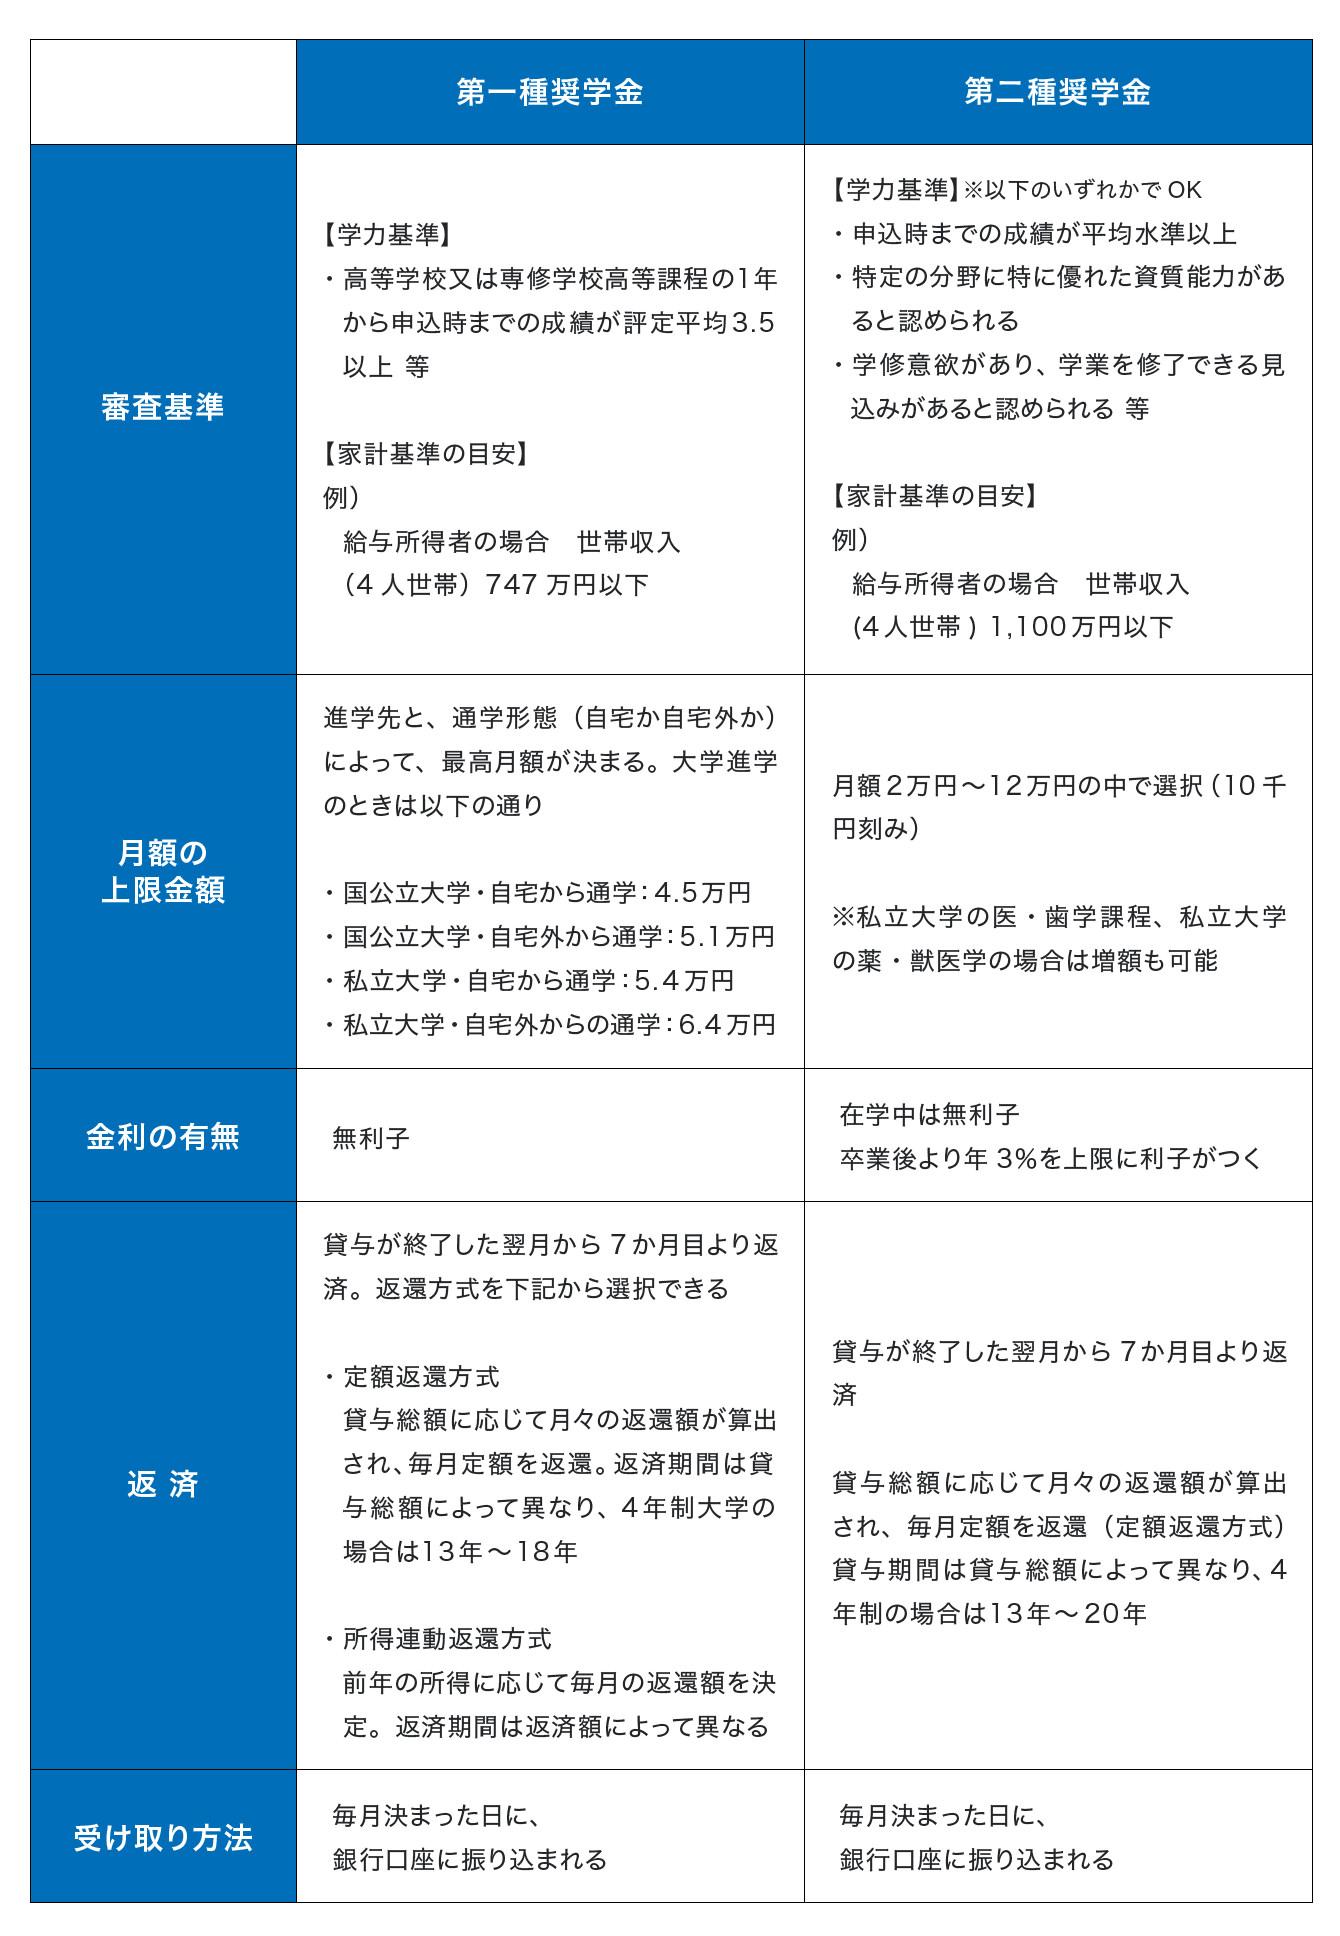 第一種奨学金と第二種奨学金の比較